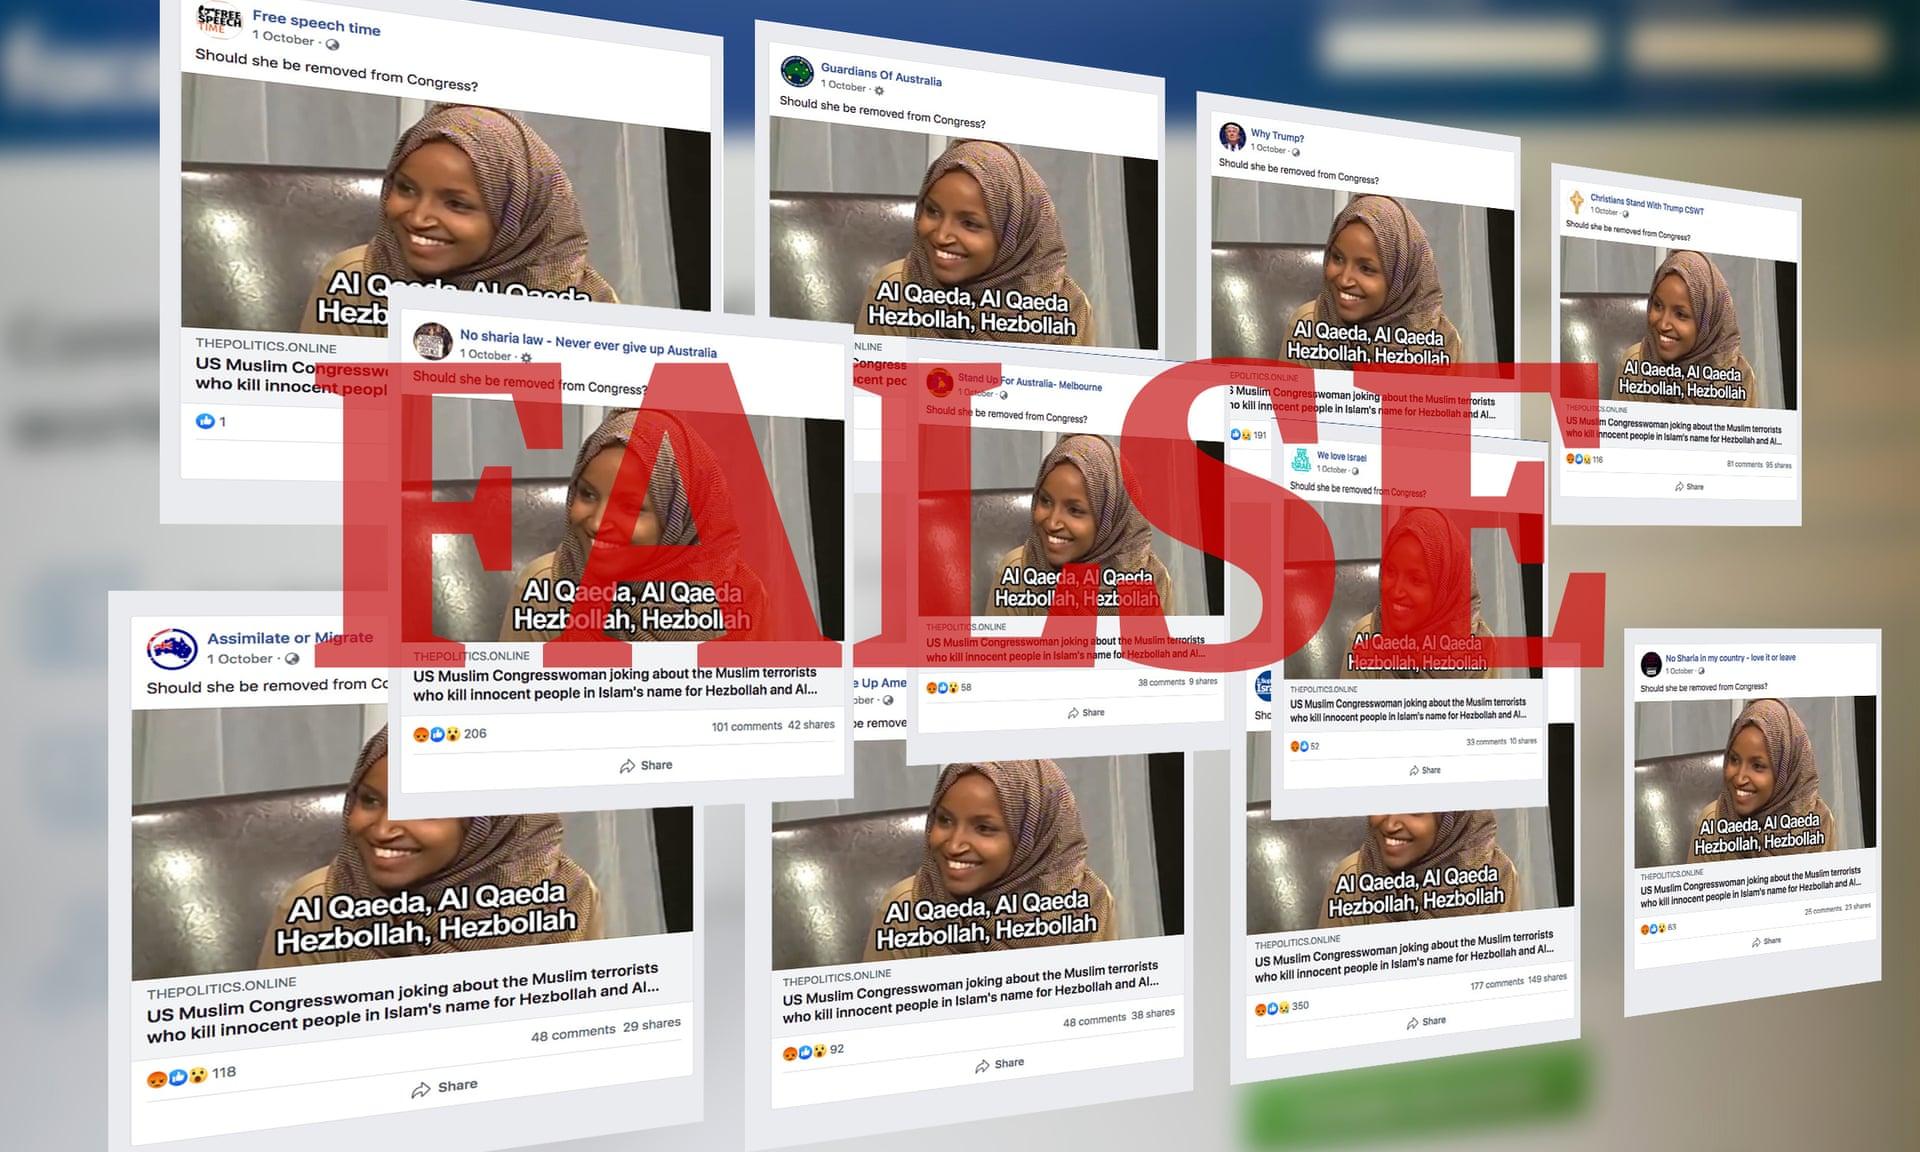 مجموعة من منشورات الأخبار المزيفة التي قابلها صحفيو الجارديان أثناء إجراء التحقيق. المصدر: الجارديان